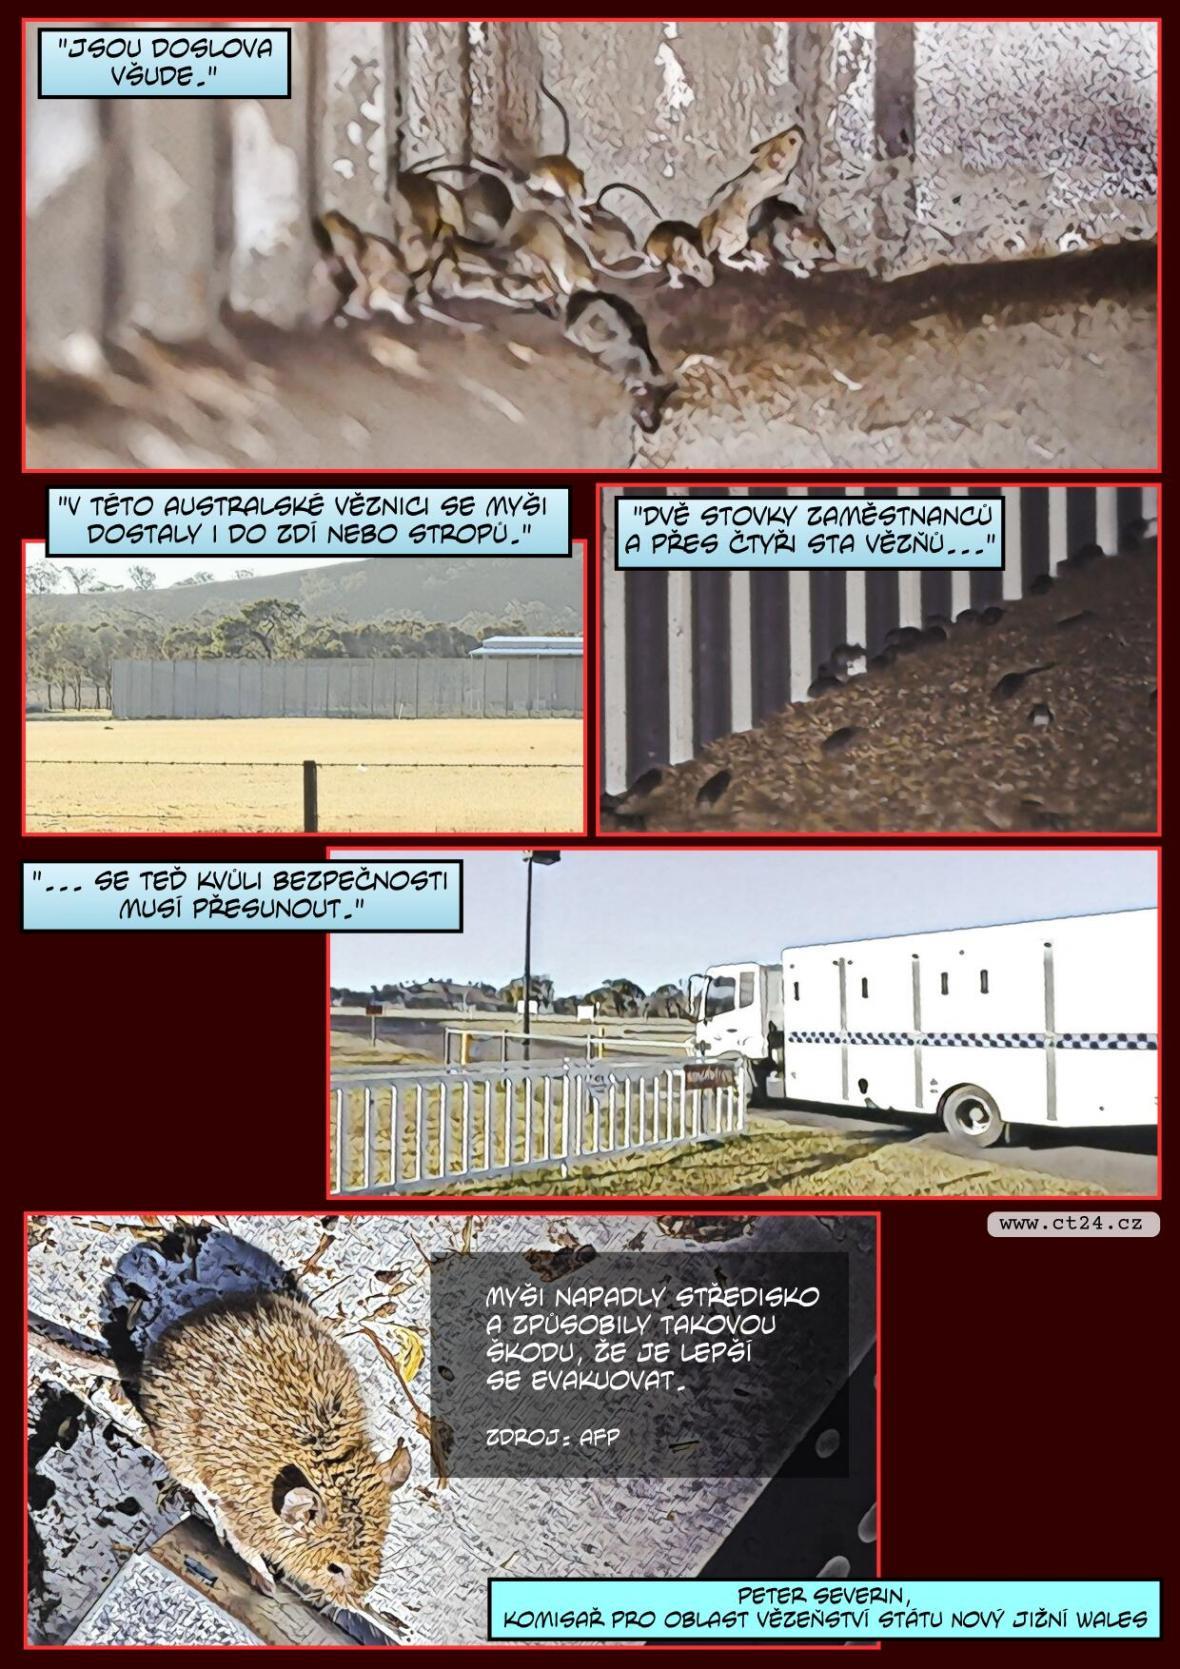 Záplava myší vyhnala v Austrálii vězně i jejich dozorce. Hlodavci poničili bezpečnostní systém